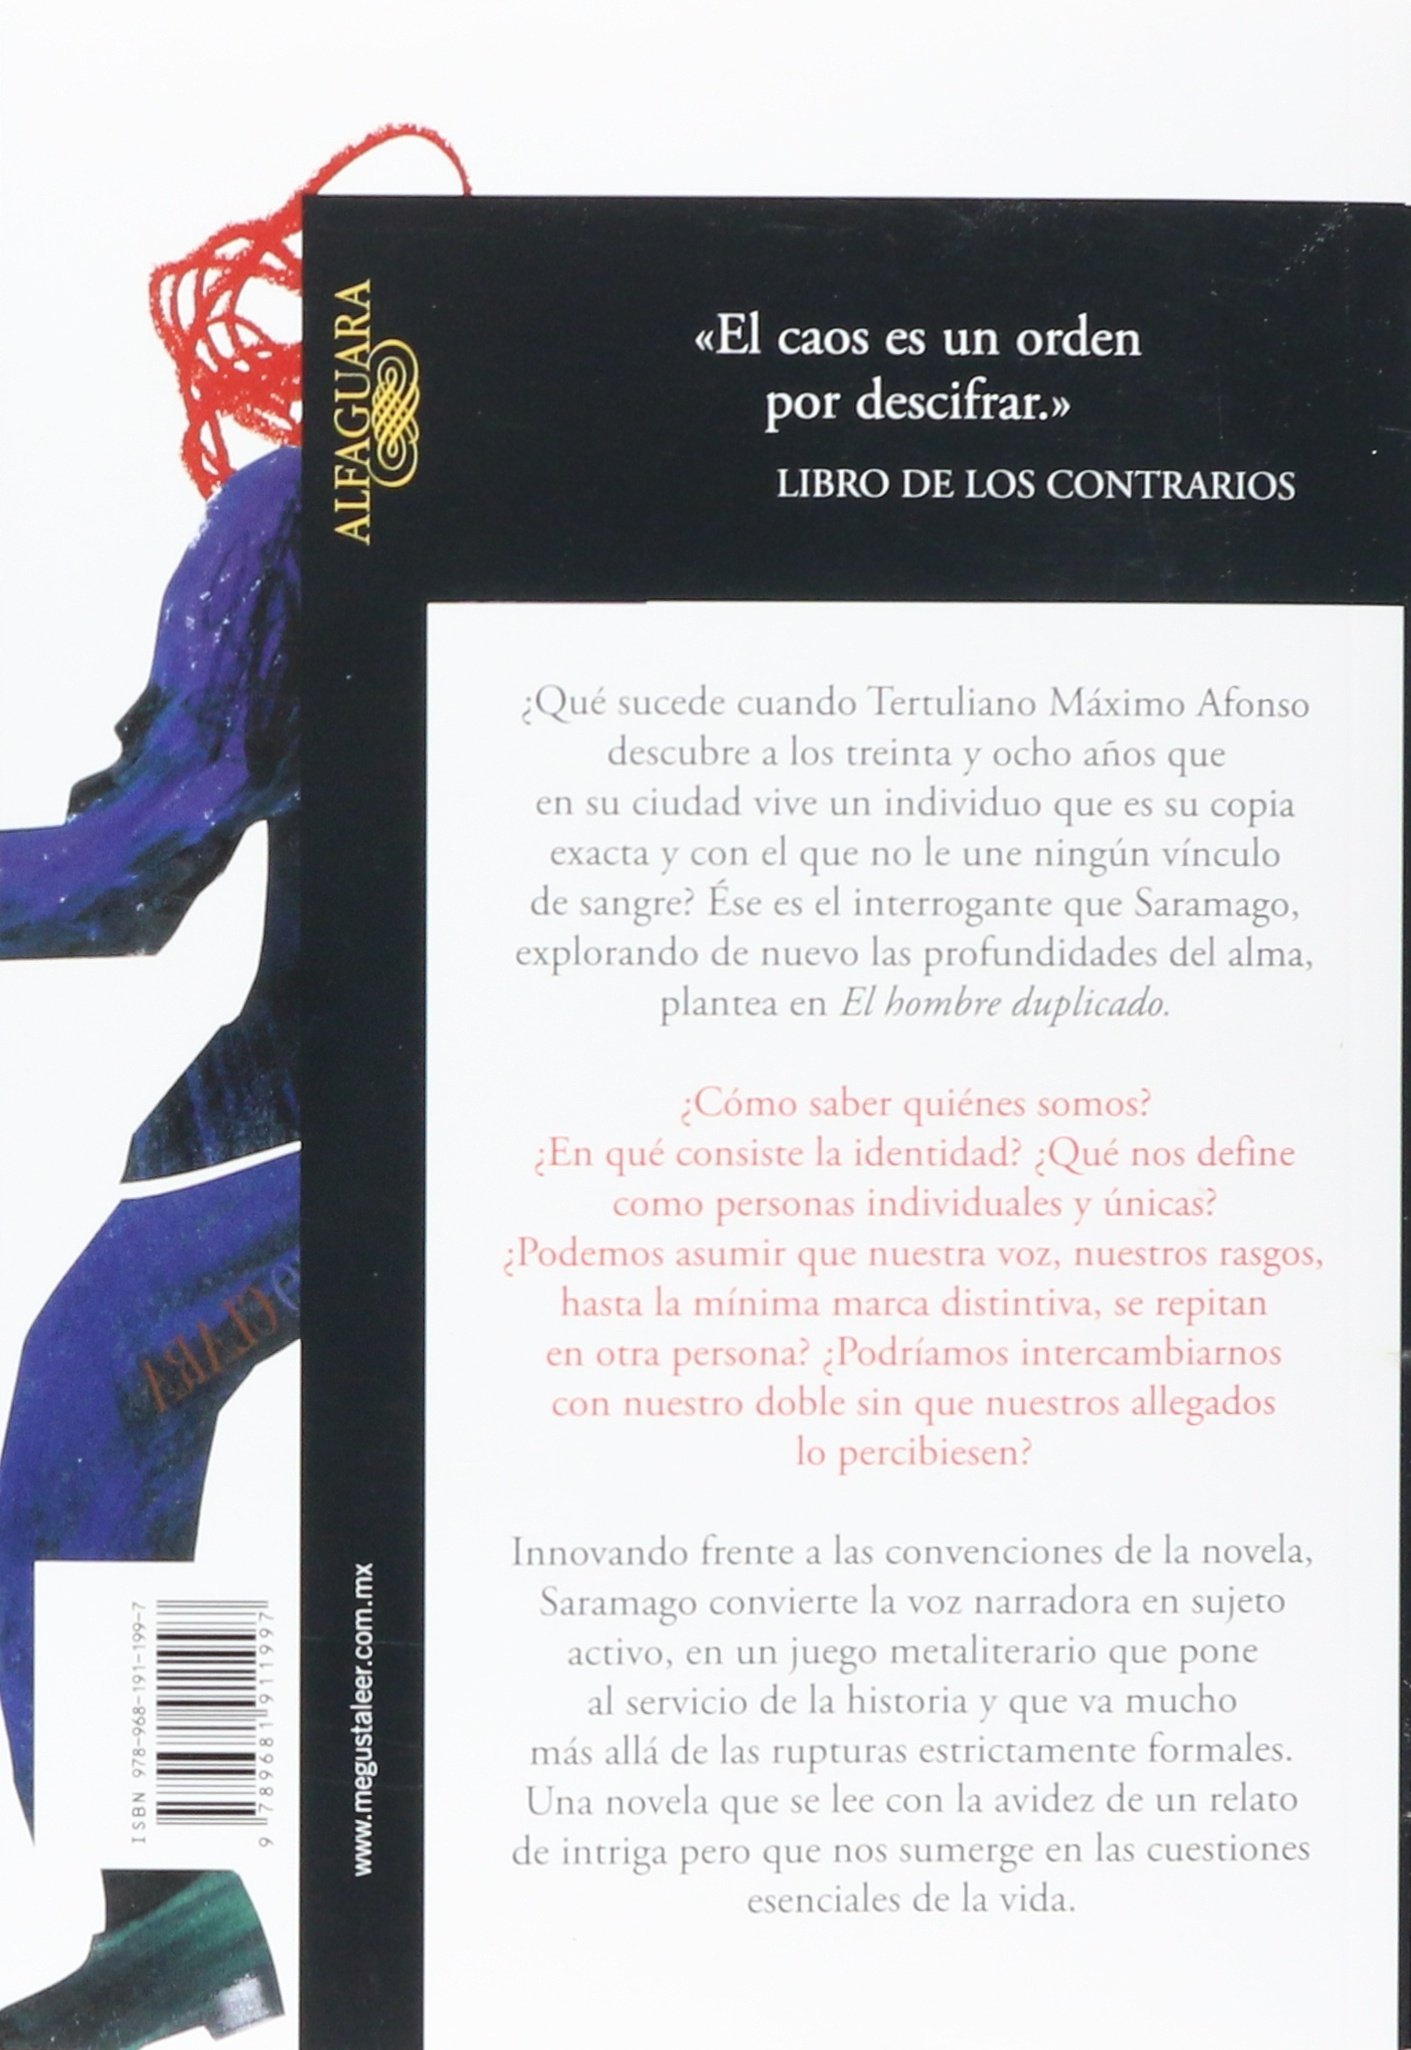 El Hombre Duplicado (Spanish Edition): Jose Saramago, Pilar del Rio: 9789681911997: Amazon.com: Books